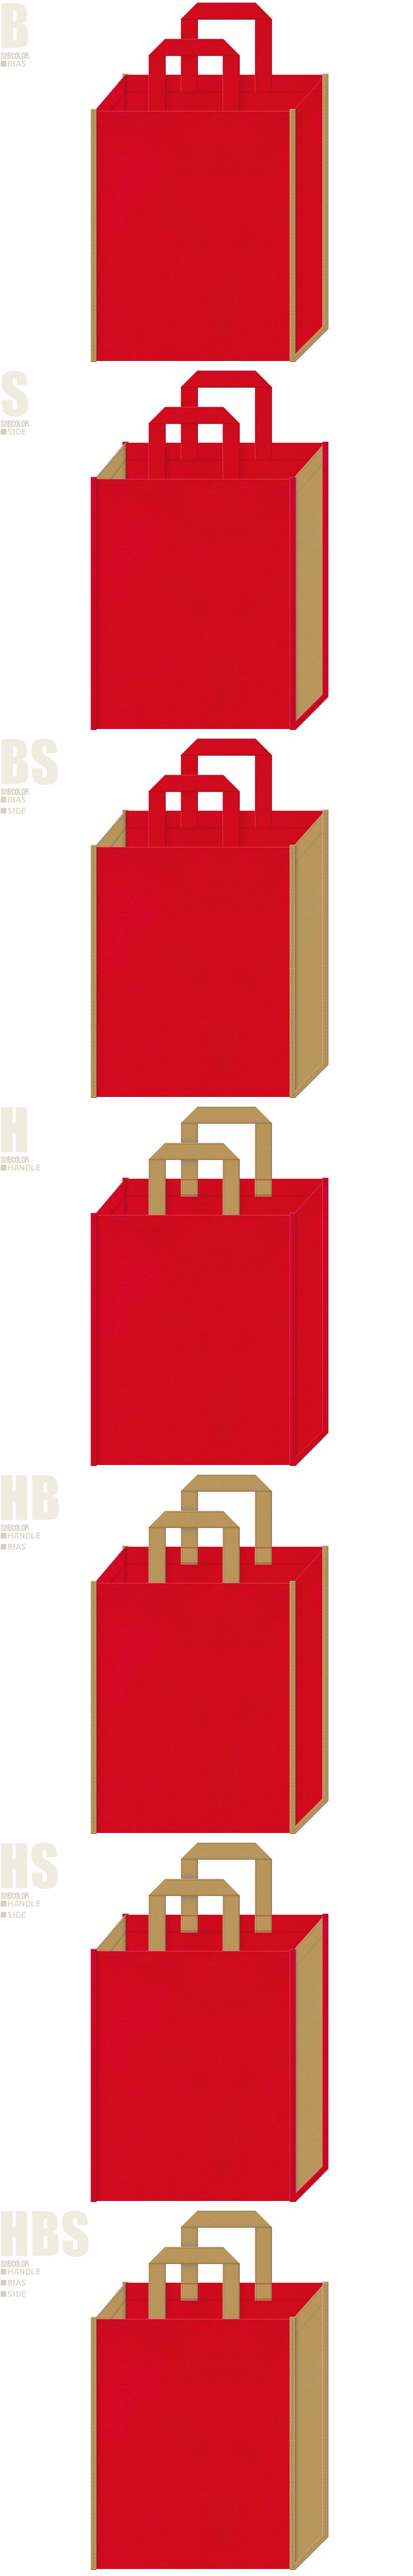 福袋にお奨めの不織布バッグのデザイン:紅色と金黄土色の配色7パターン